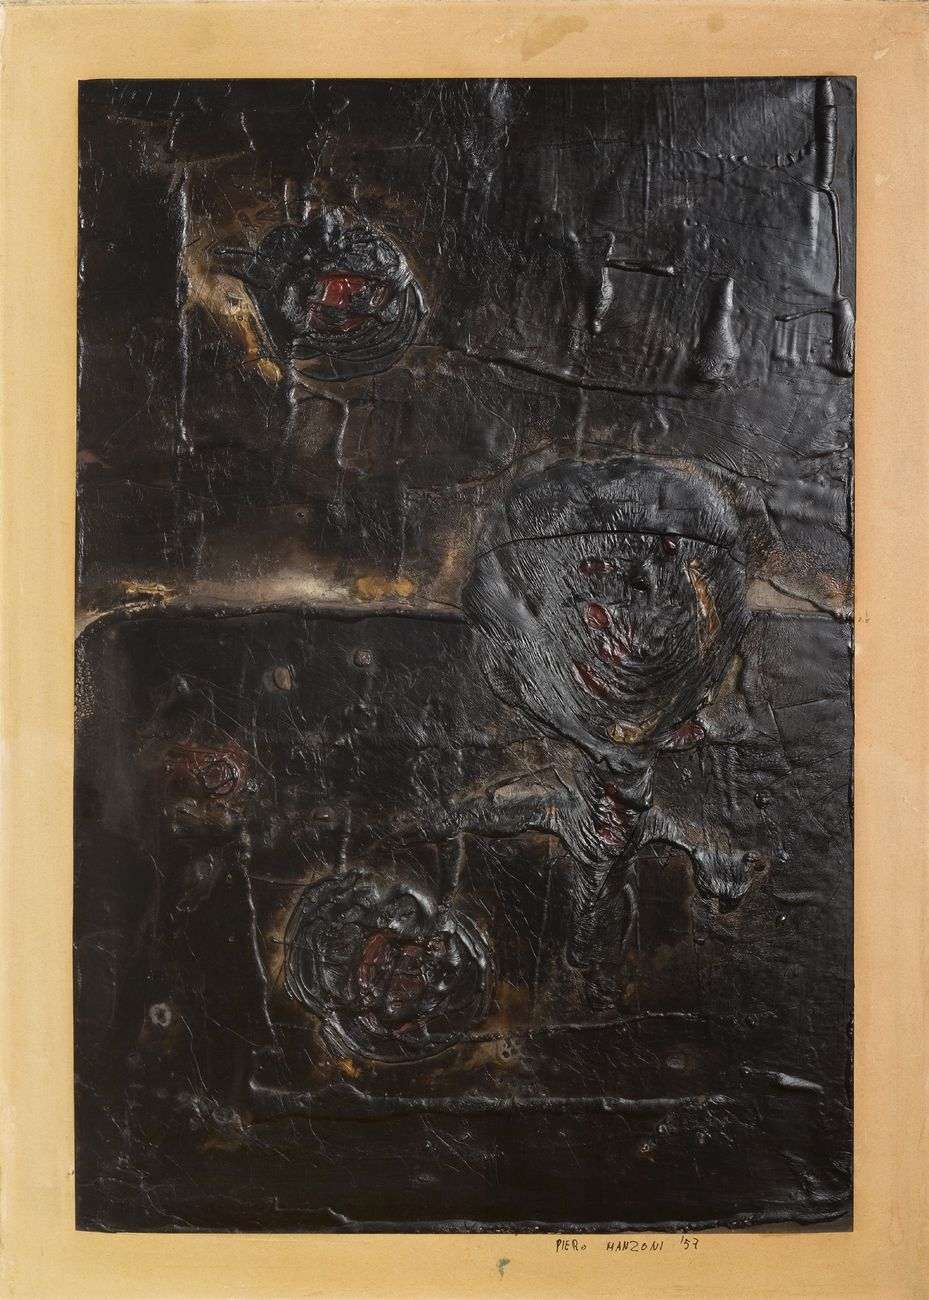 Piero Manzoni, Senza titolo, 1957. Collezione privata © Fondazione Piero Manzoni, Milano by SIAE 2018. Courtesy GAMeC, Bergamo